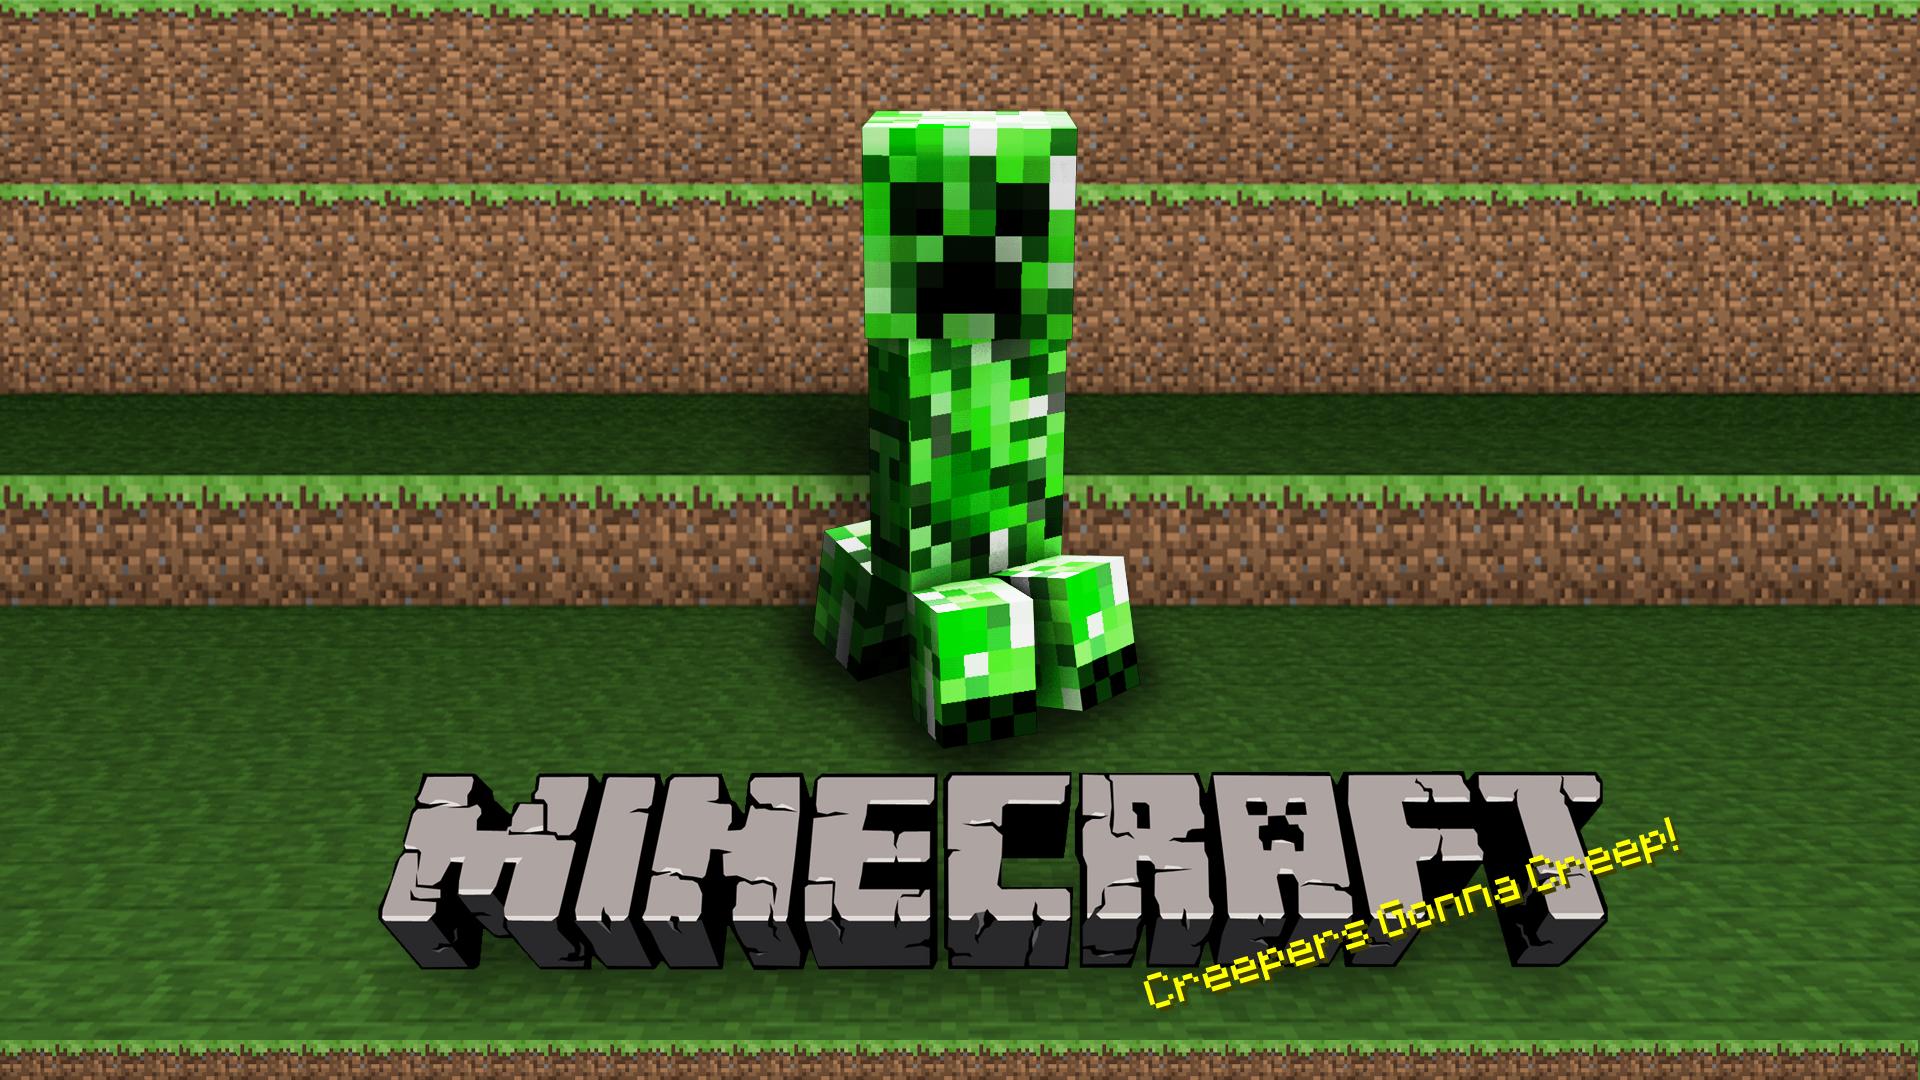 minecraft wallpaper,green,video game software,grass,fictional character,minecraft